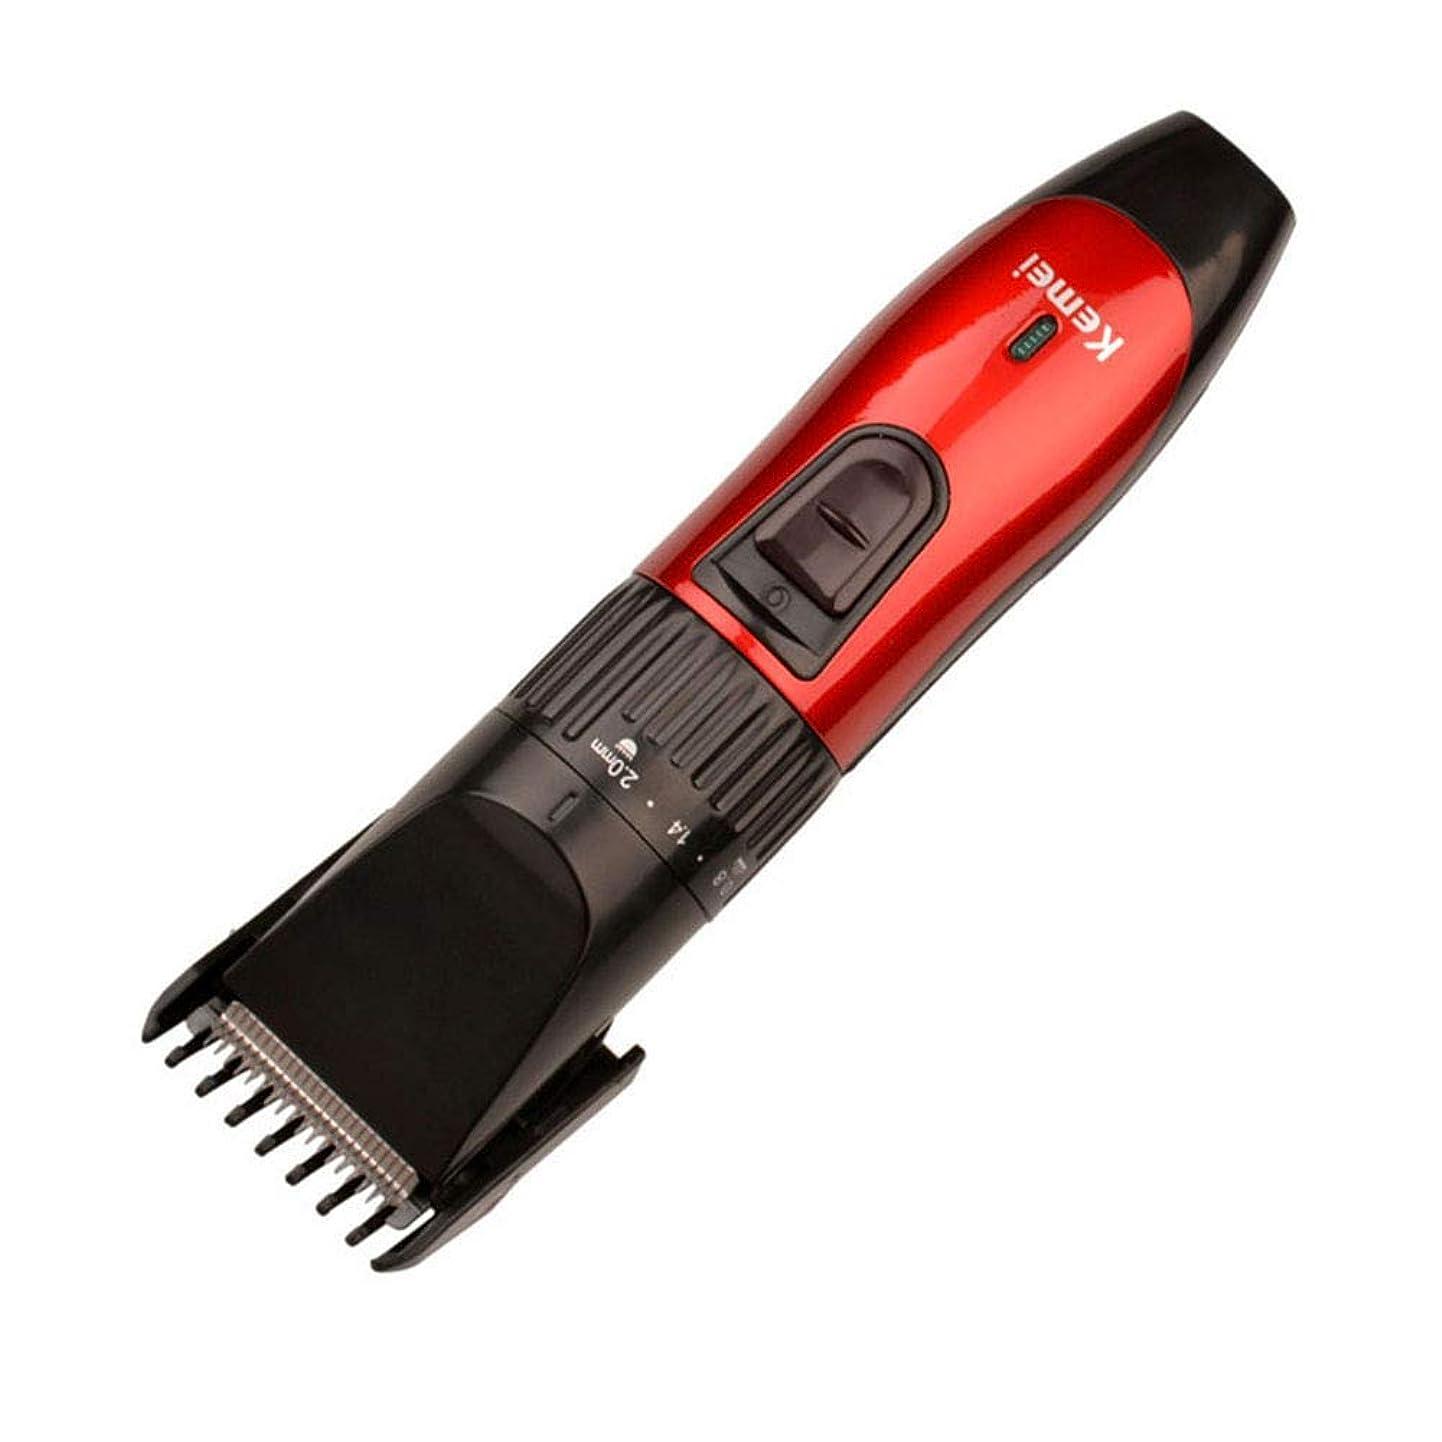 男または流用するバリカンプロフェッショナル充電式ヘアカット機電気シェーバー髭トリマー理髪散髪用男性220-240ボルト